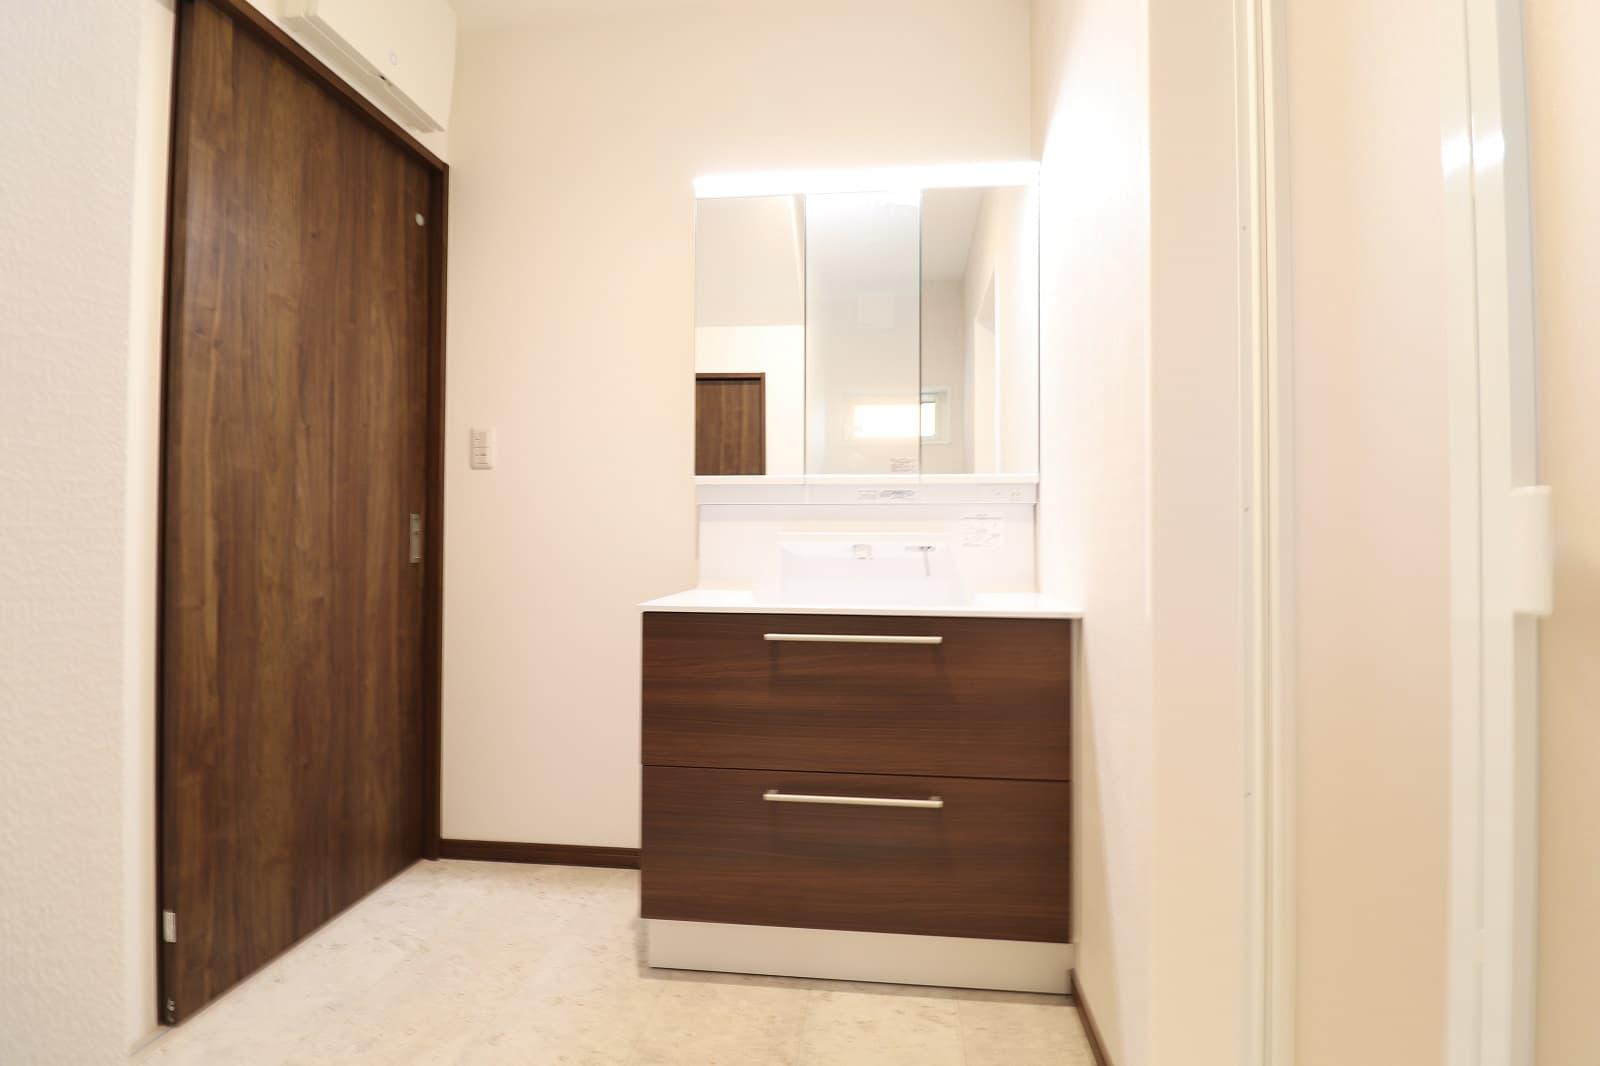 高松市六条の新築分譲住宅収納充実の洗面化粧台